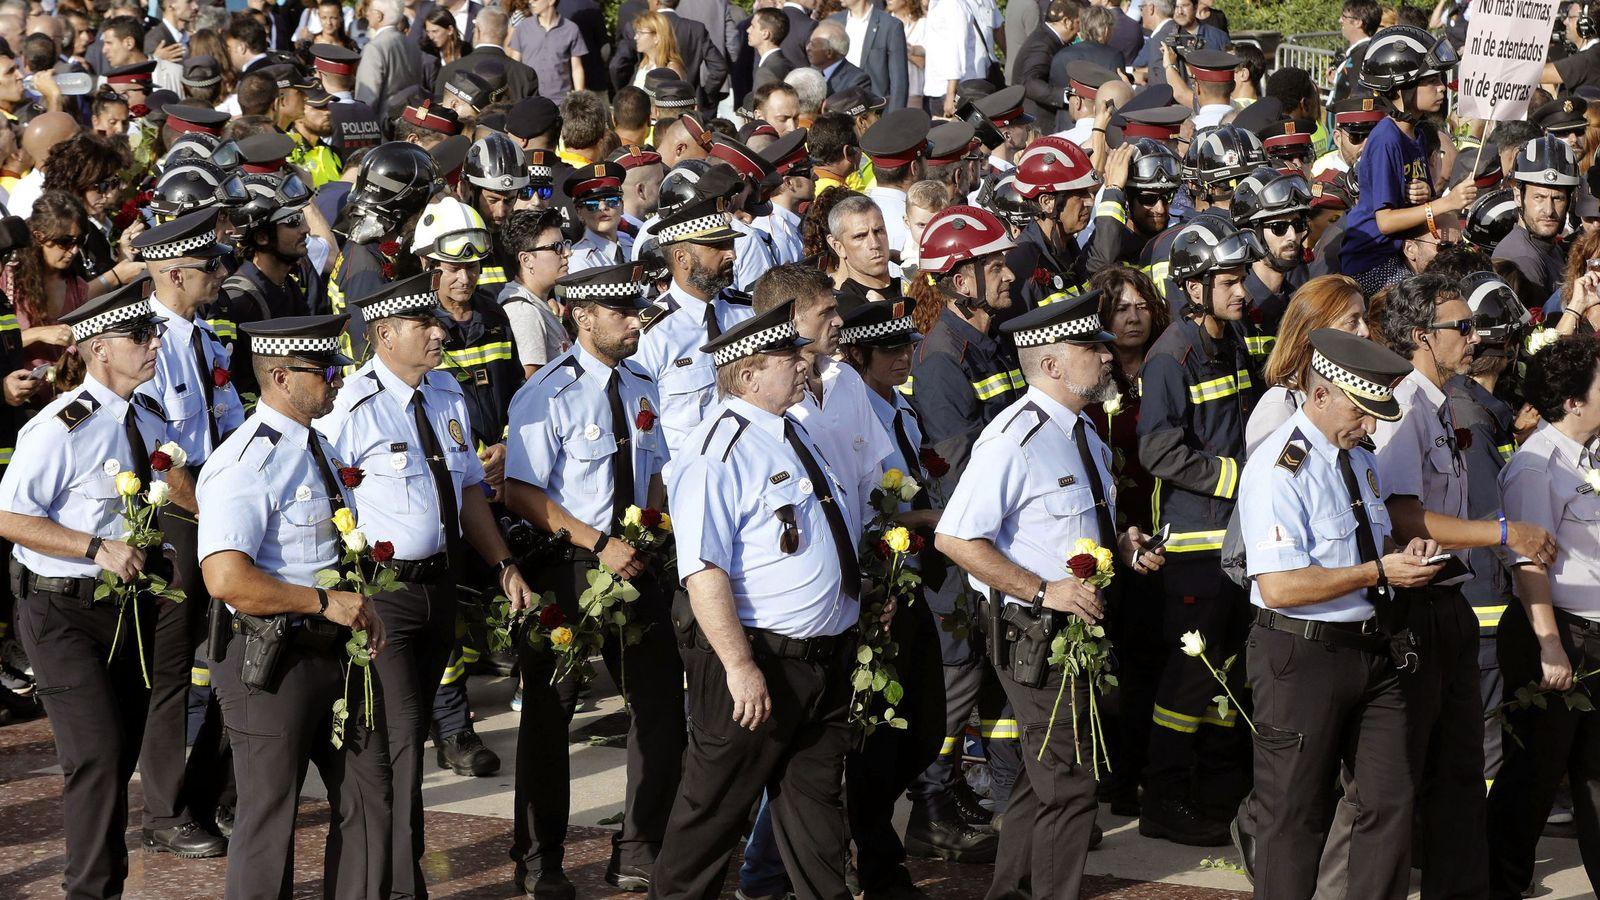 Foto: Miembros de la Guardia Urbana y los Bomberos de Barcelona portan rosas durante la manifestación contra los atentados yihadistas en Cataluña. (EFE)